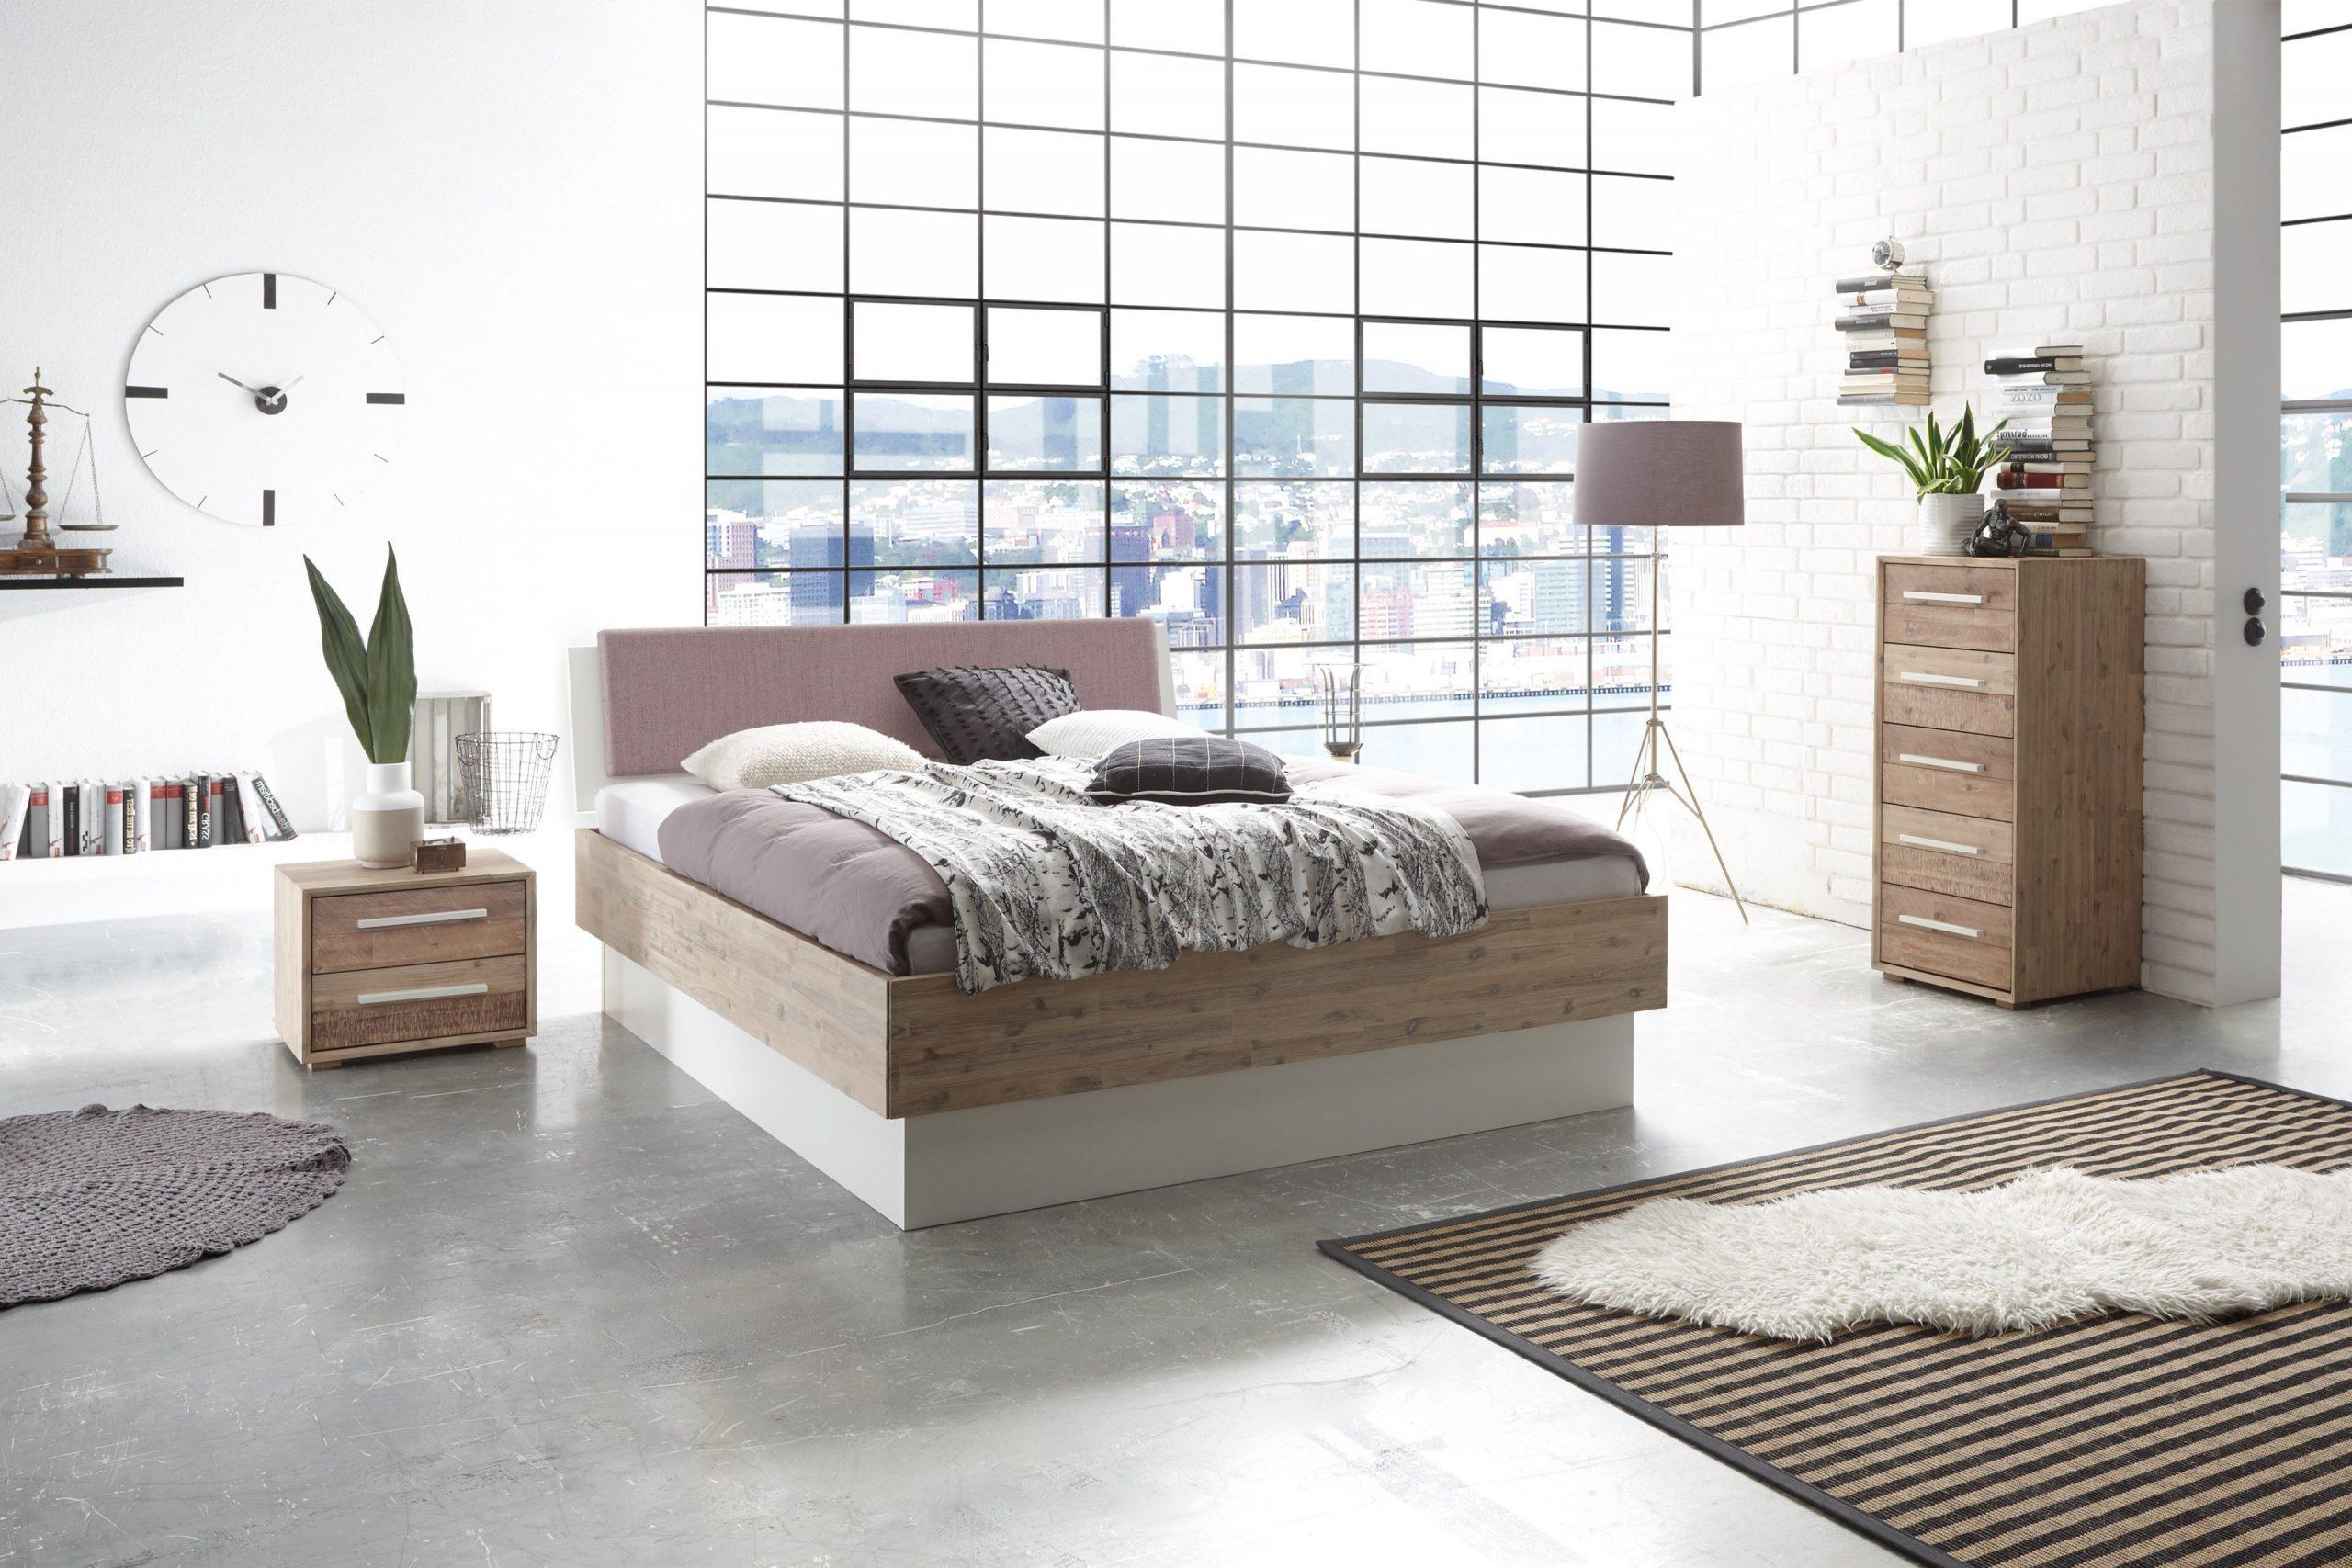 Full Size of Bett Ausklappbar Klappbar Wandbefestigung Zum Doppelbett Ausklappbares Englisch Ausklappen Mit Stauraum Ikea Bettkasten Prinzessinen 140x200 Matratze Und Bett Bett Ausklappbar